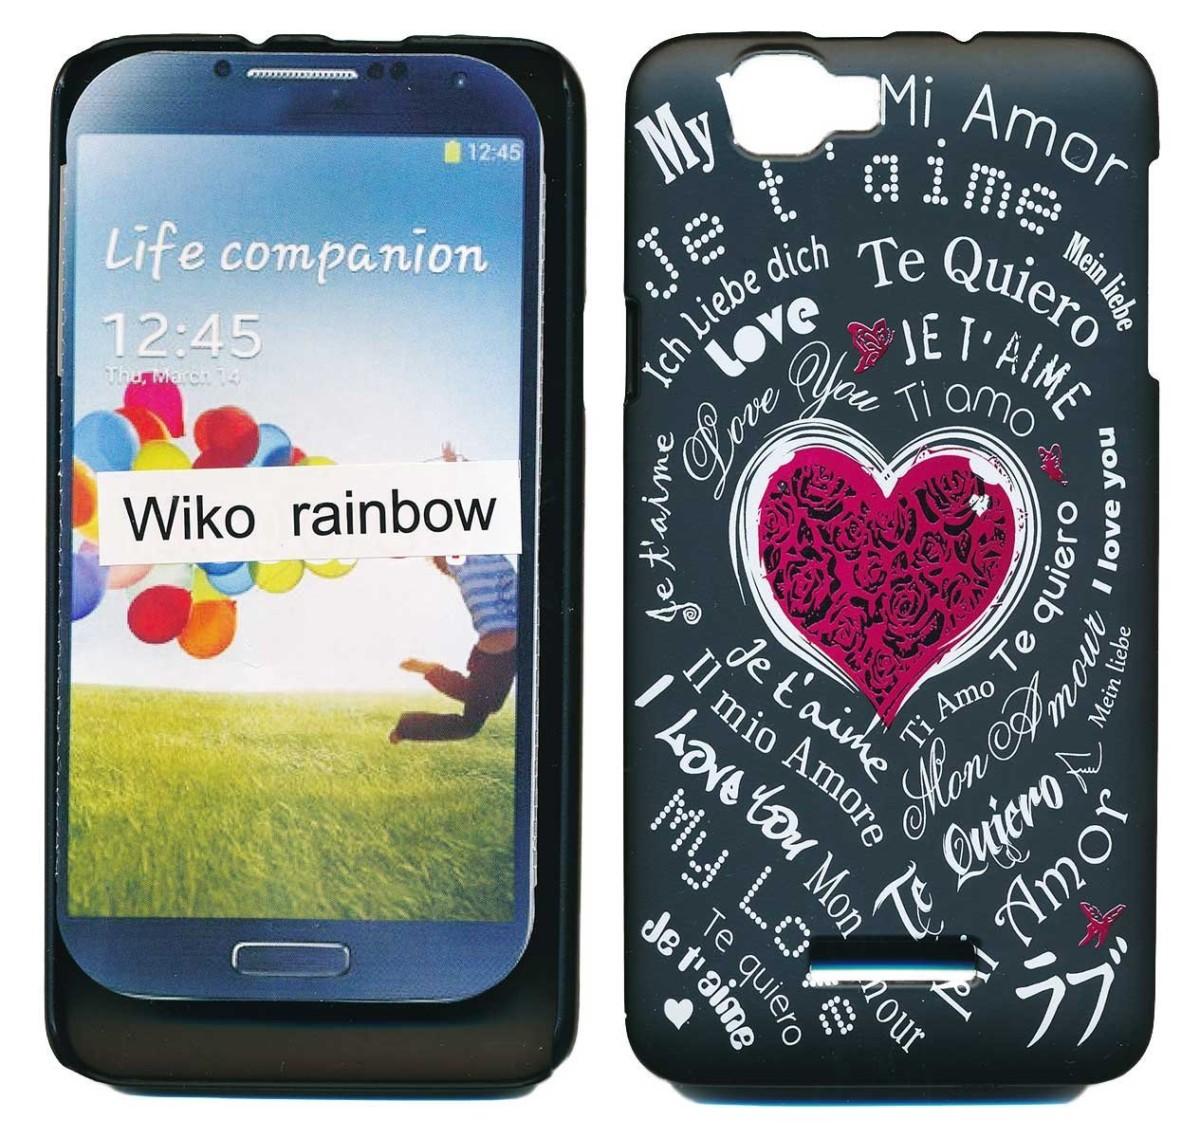 Téléphonie, mobilité > Tél. mobiles, PDA: accessoires > Etuis